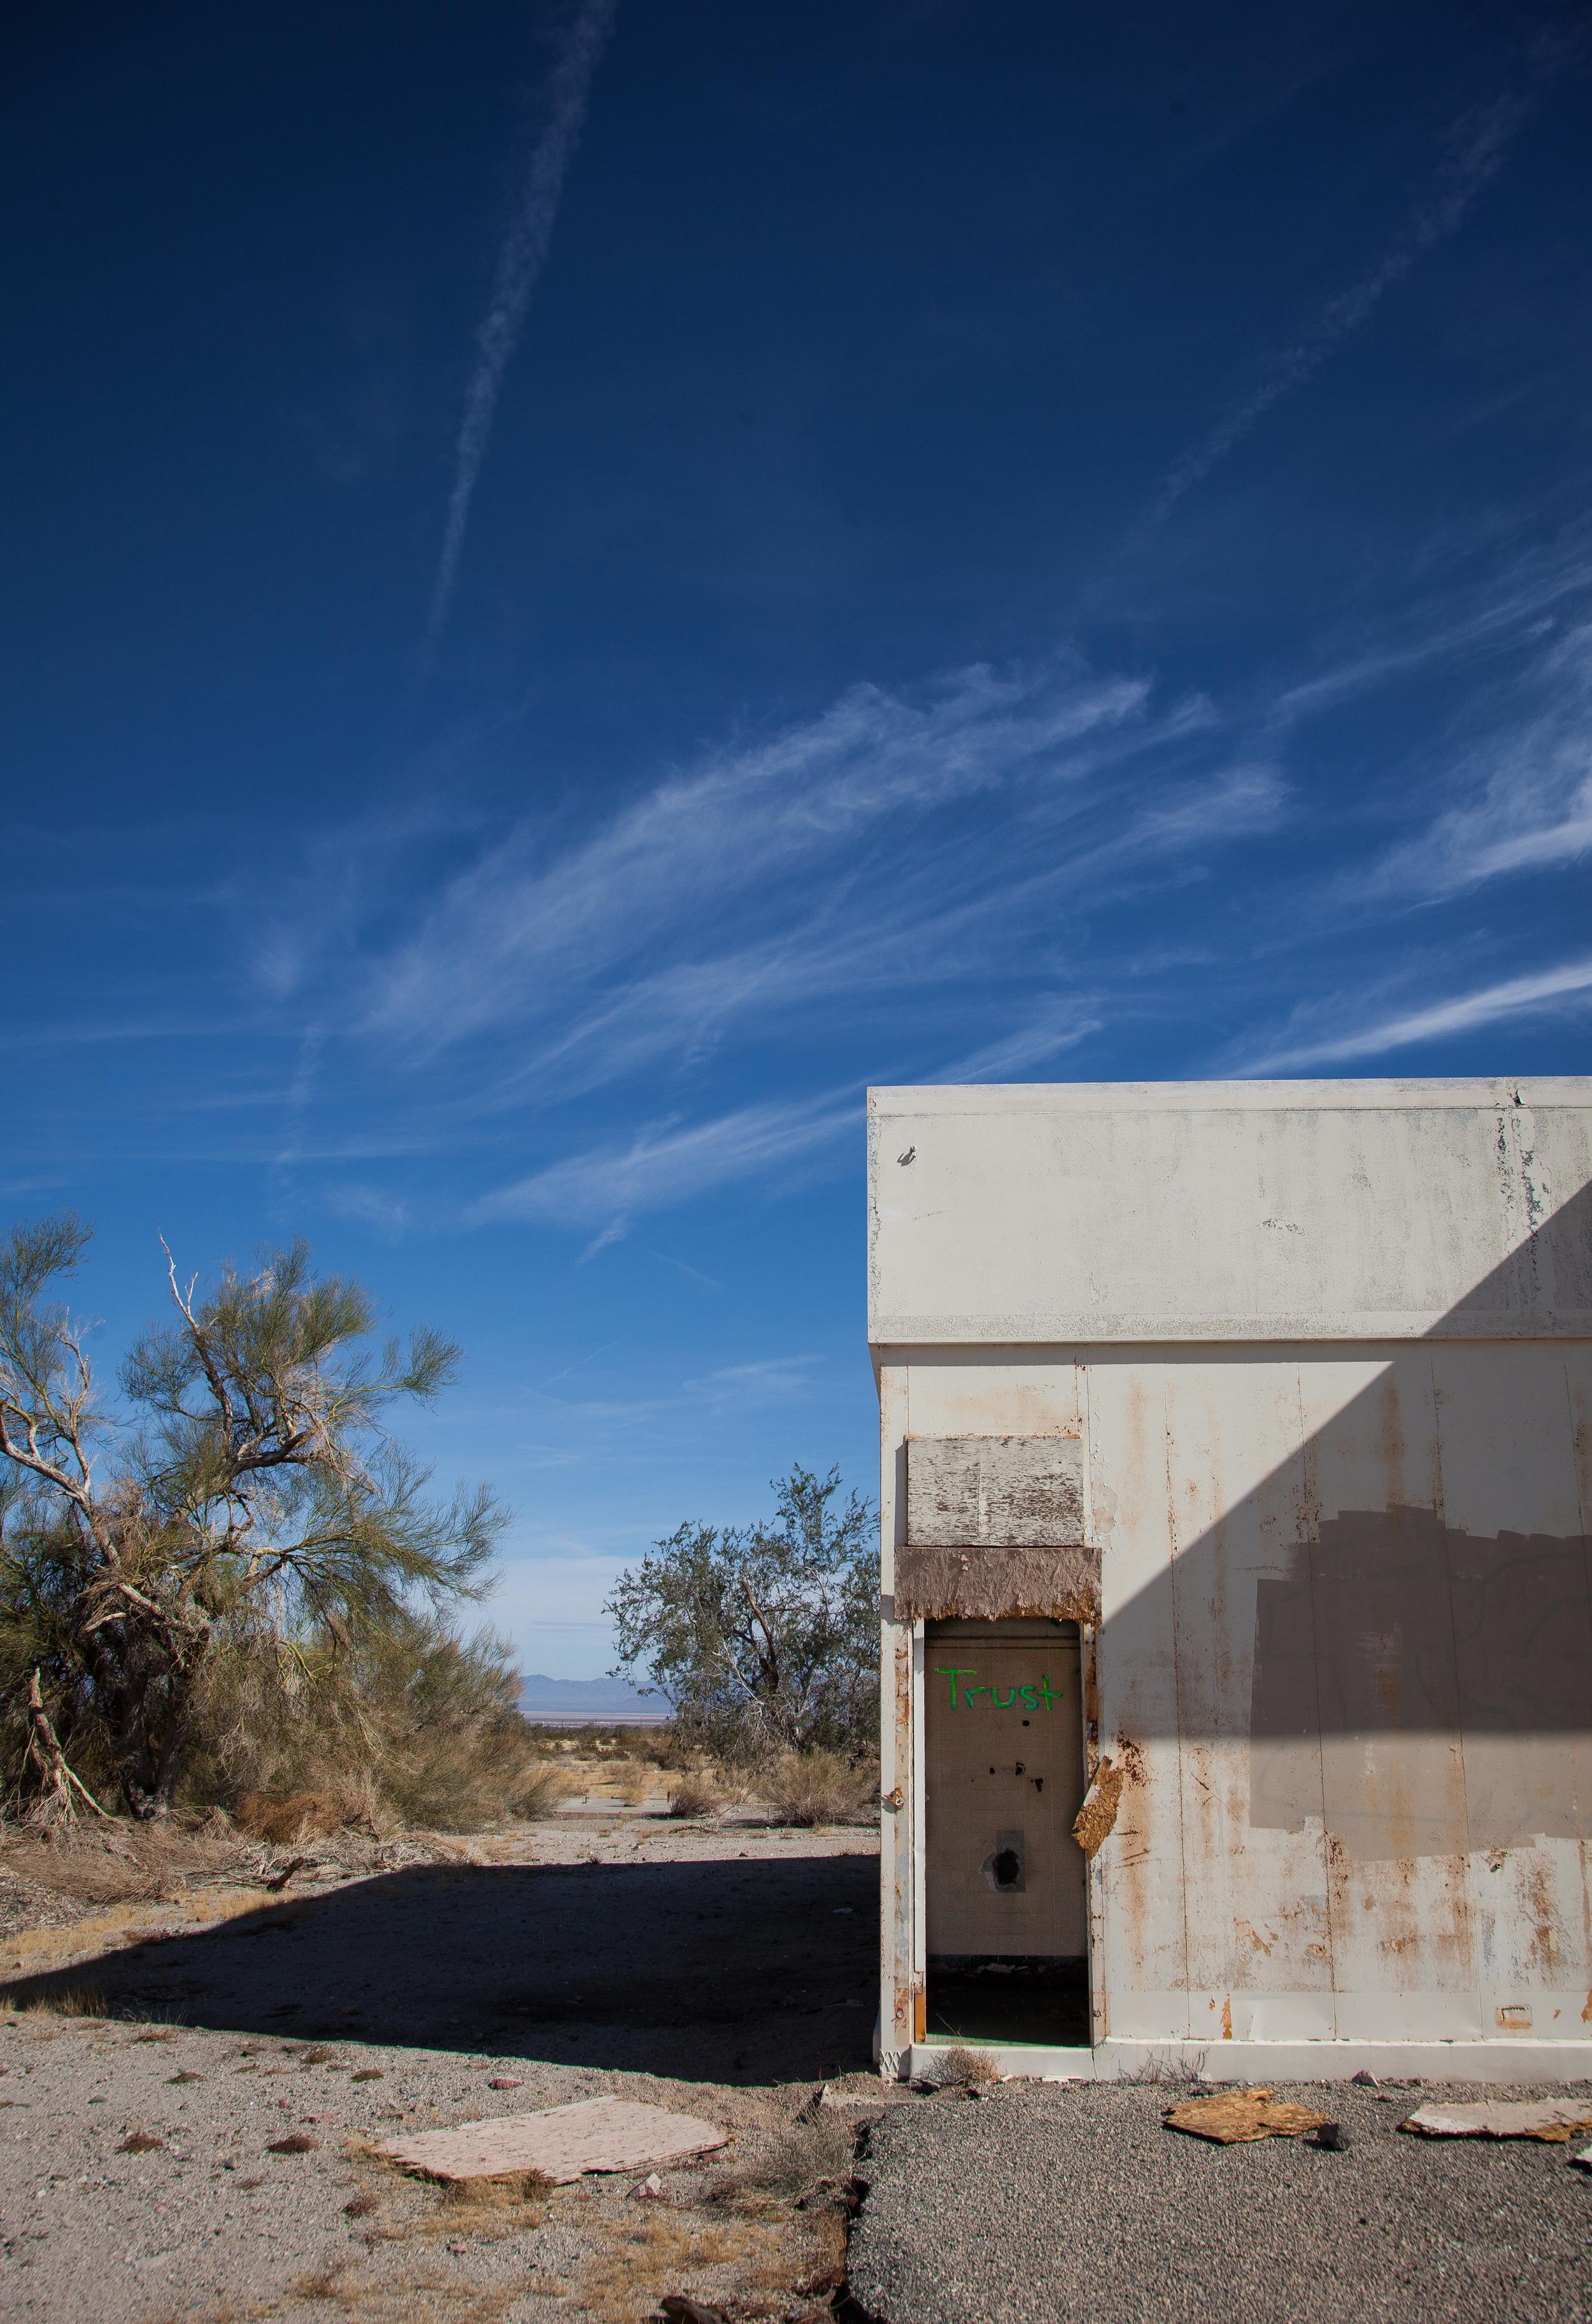 web_large_Abandoned-Gas-Station-TIF.jpg